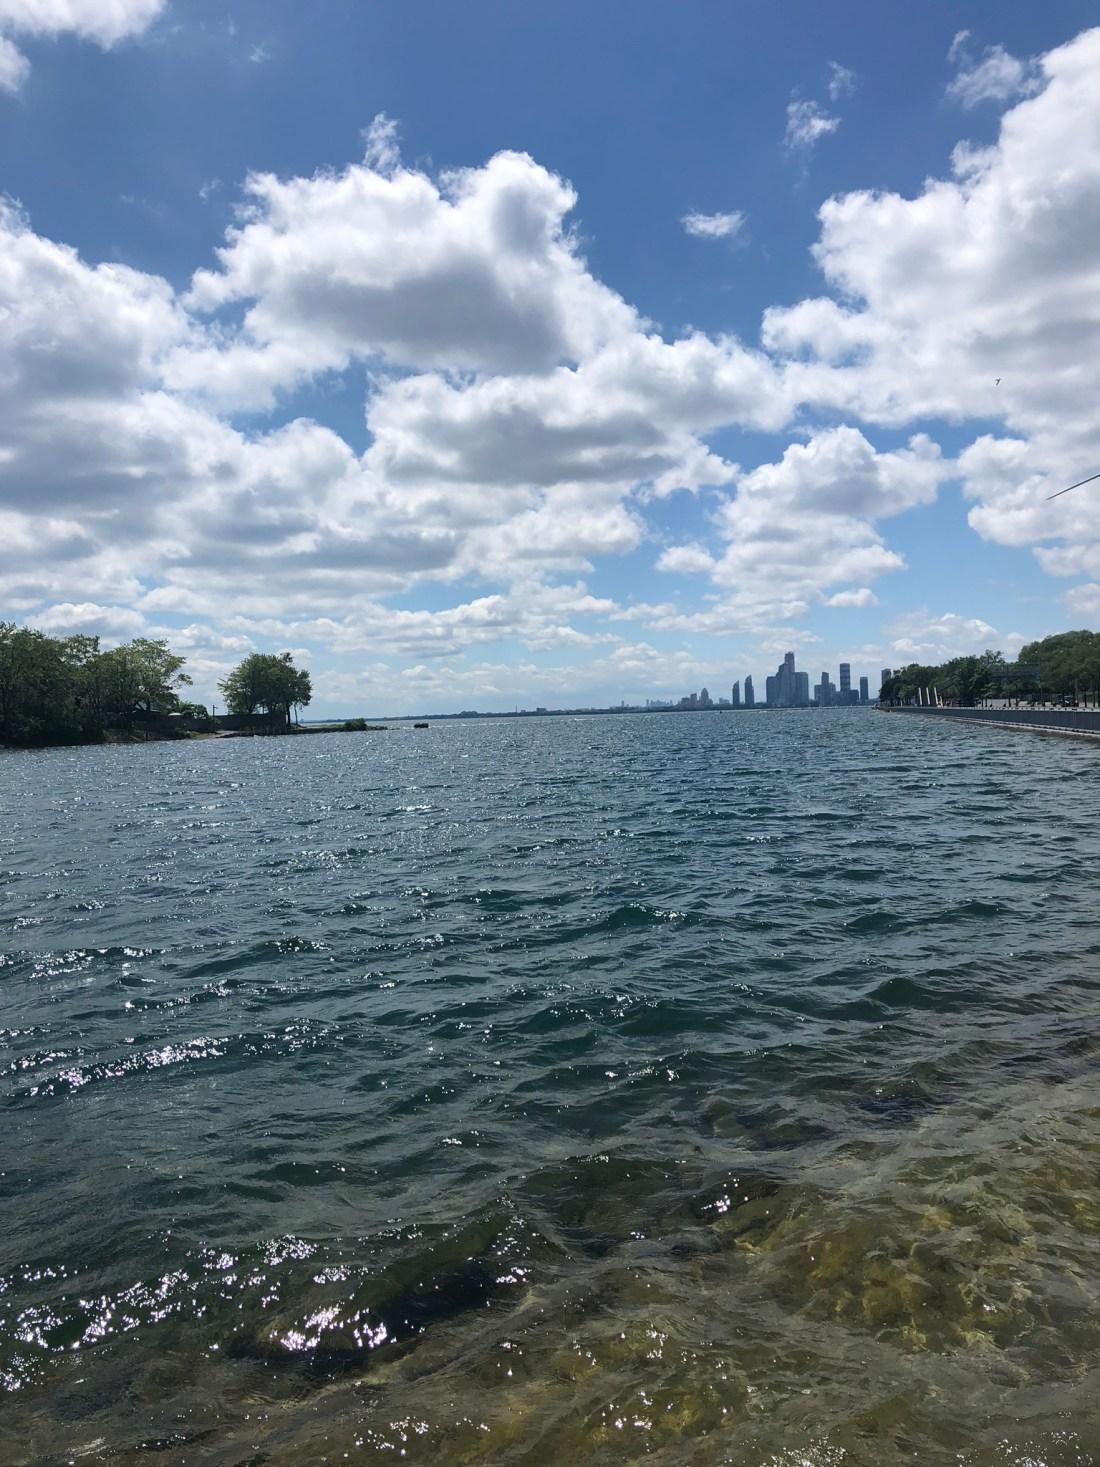 Summer in Toronto: Lake Ontario